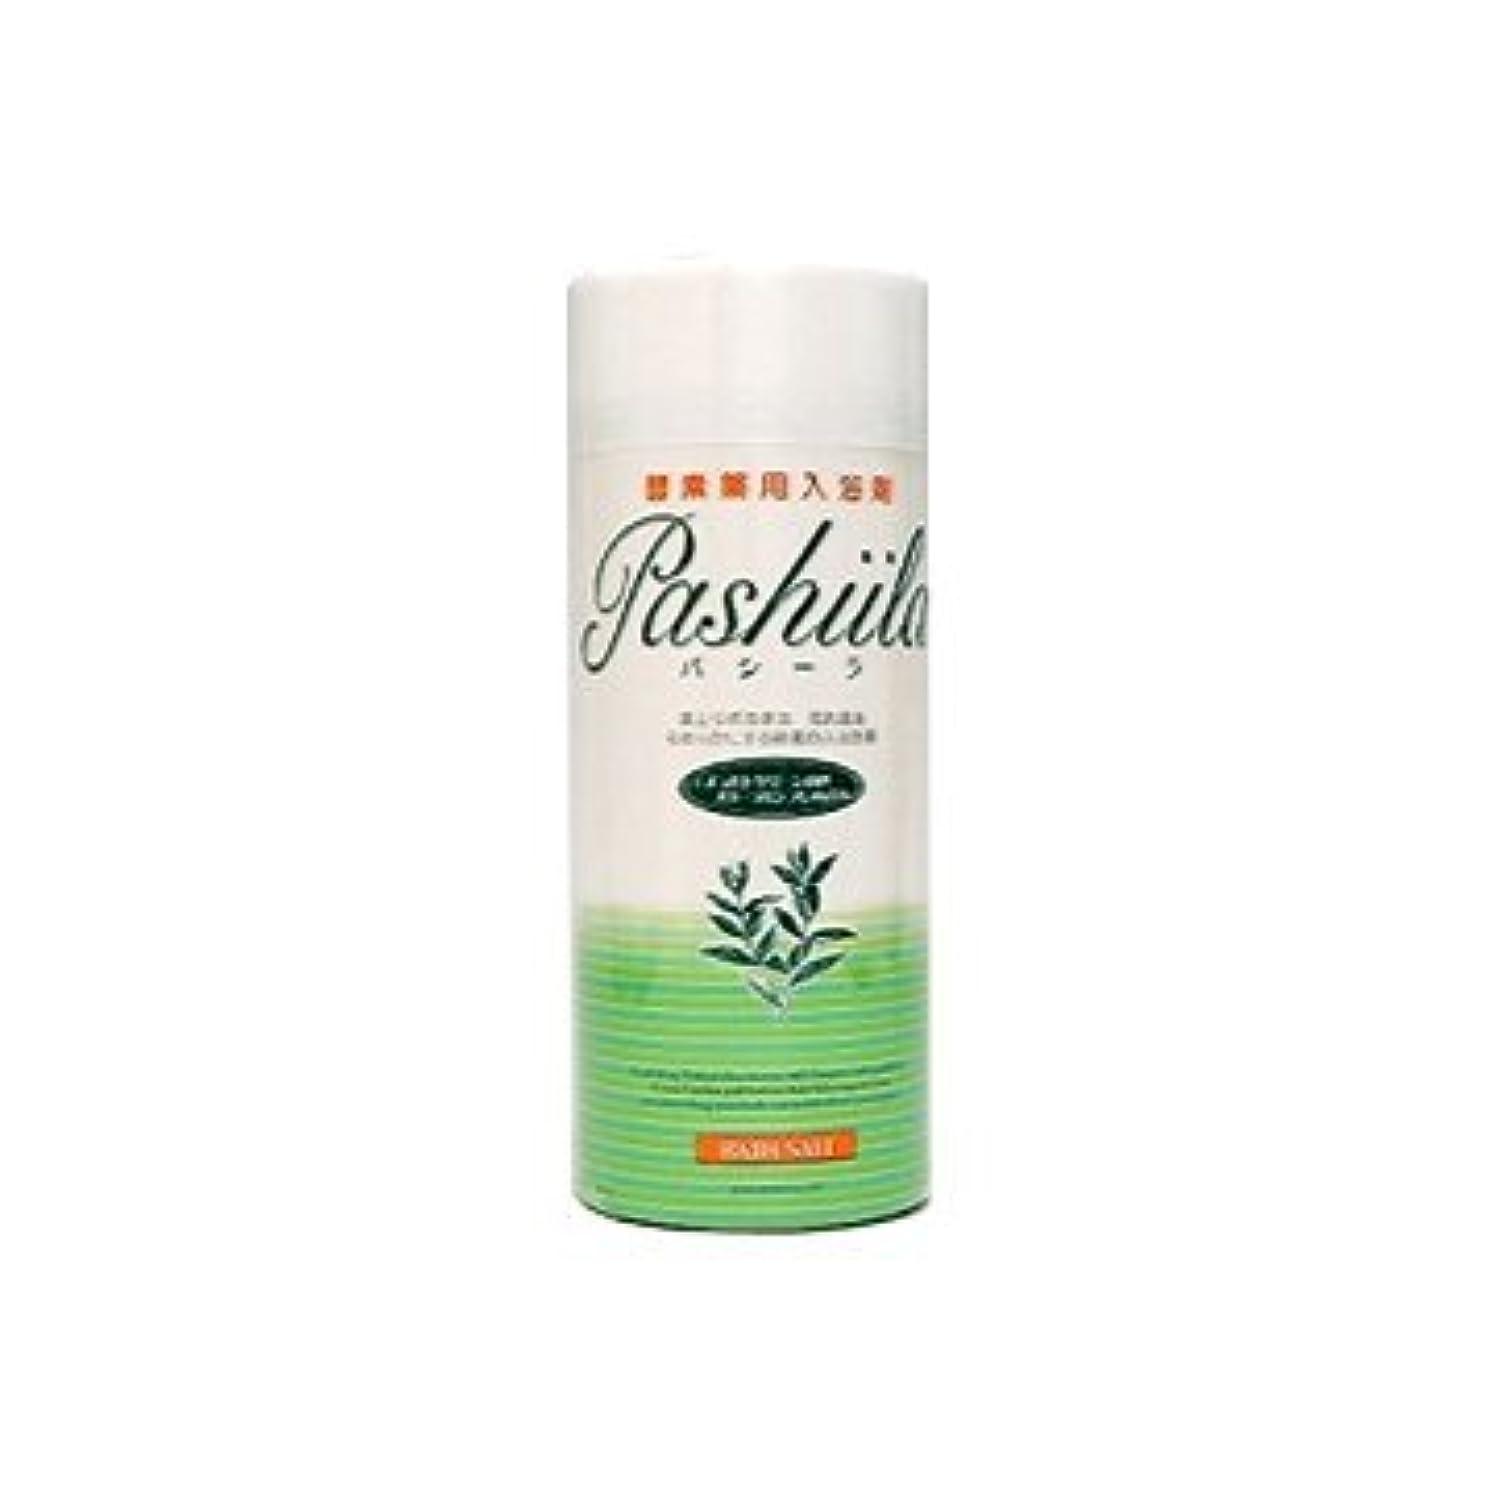 ラフレシアアルノルディデザートボタン酵素薬用入浴剤パシーラ 6個セット